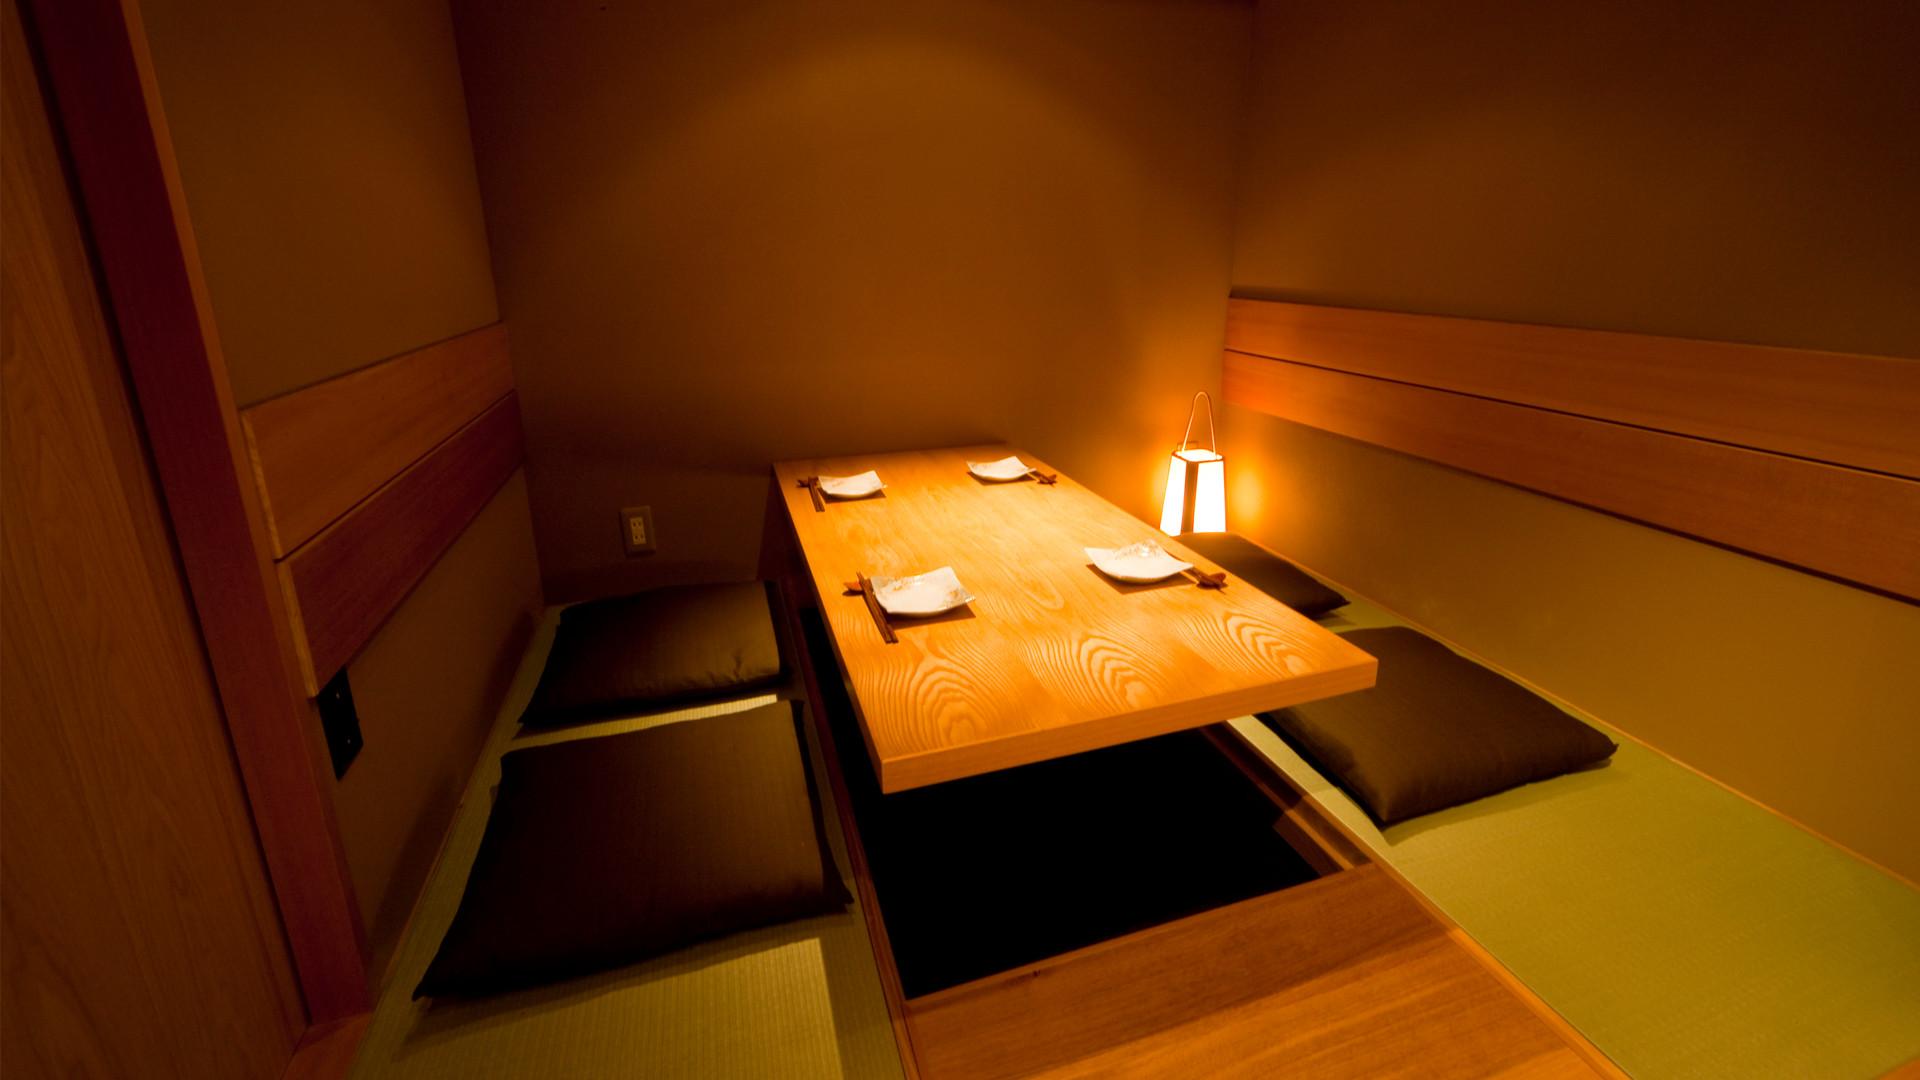 大切なご接待やご会食など、 ビジネスからプライベートまで広くご利用ください。